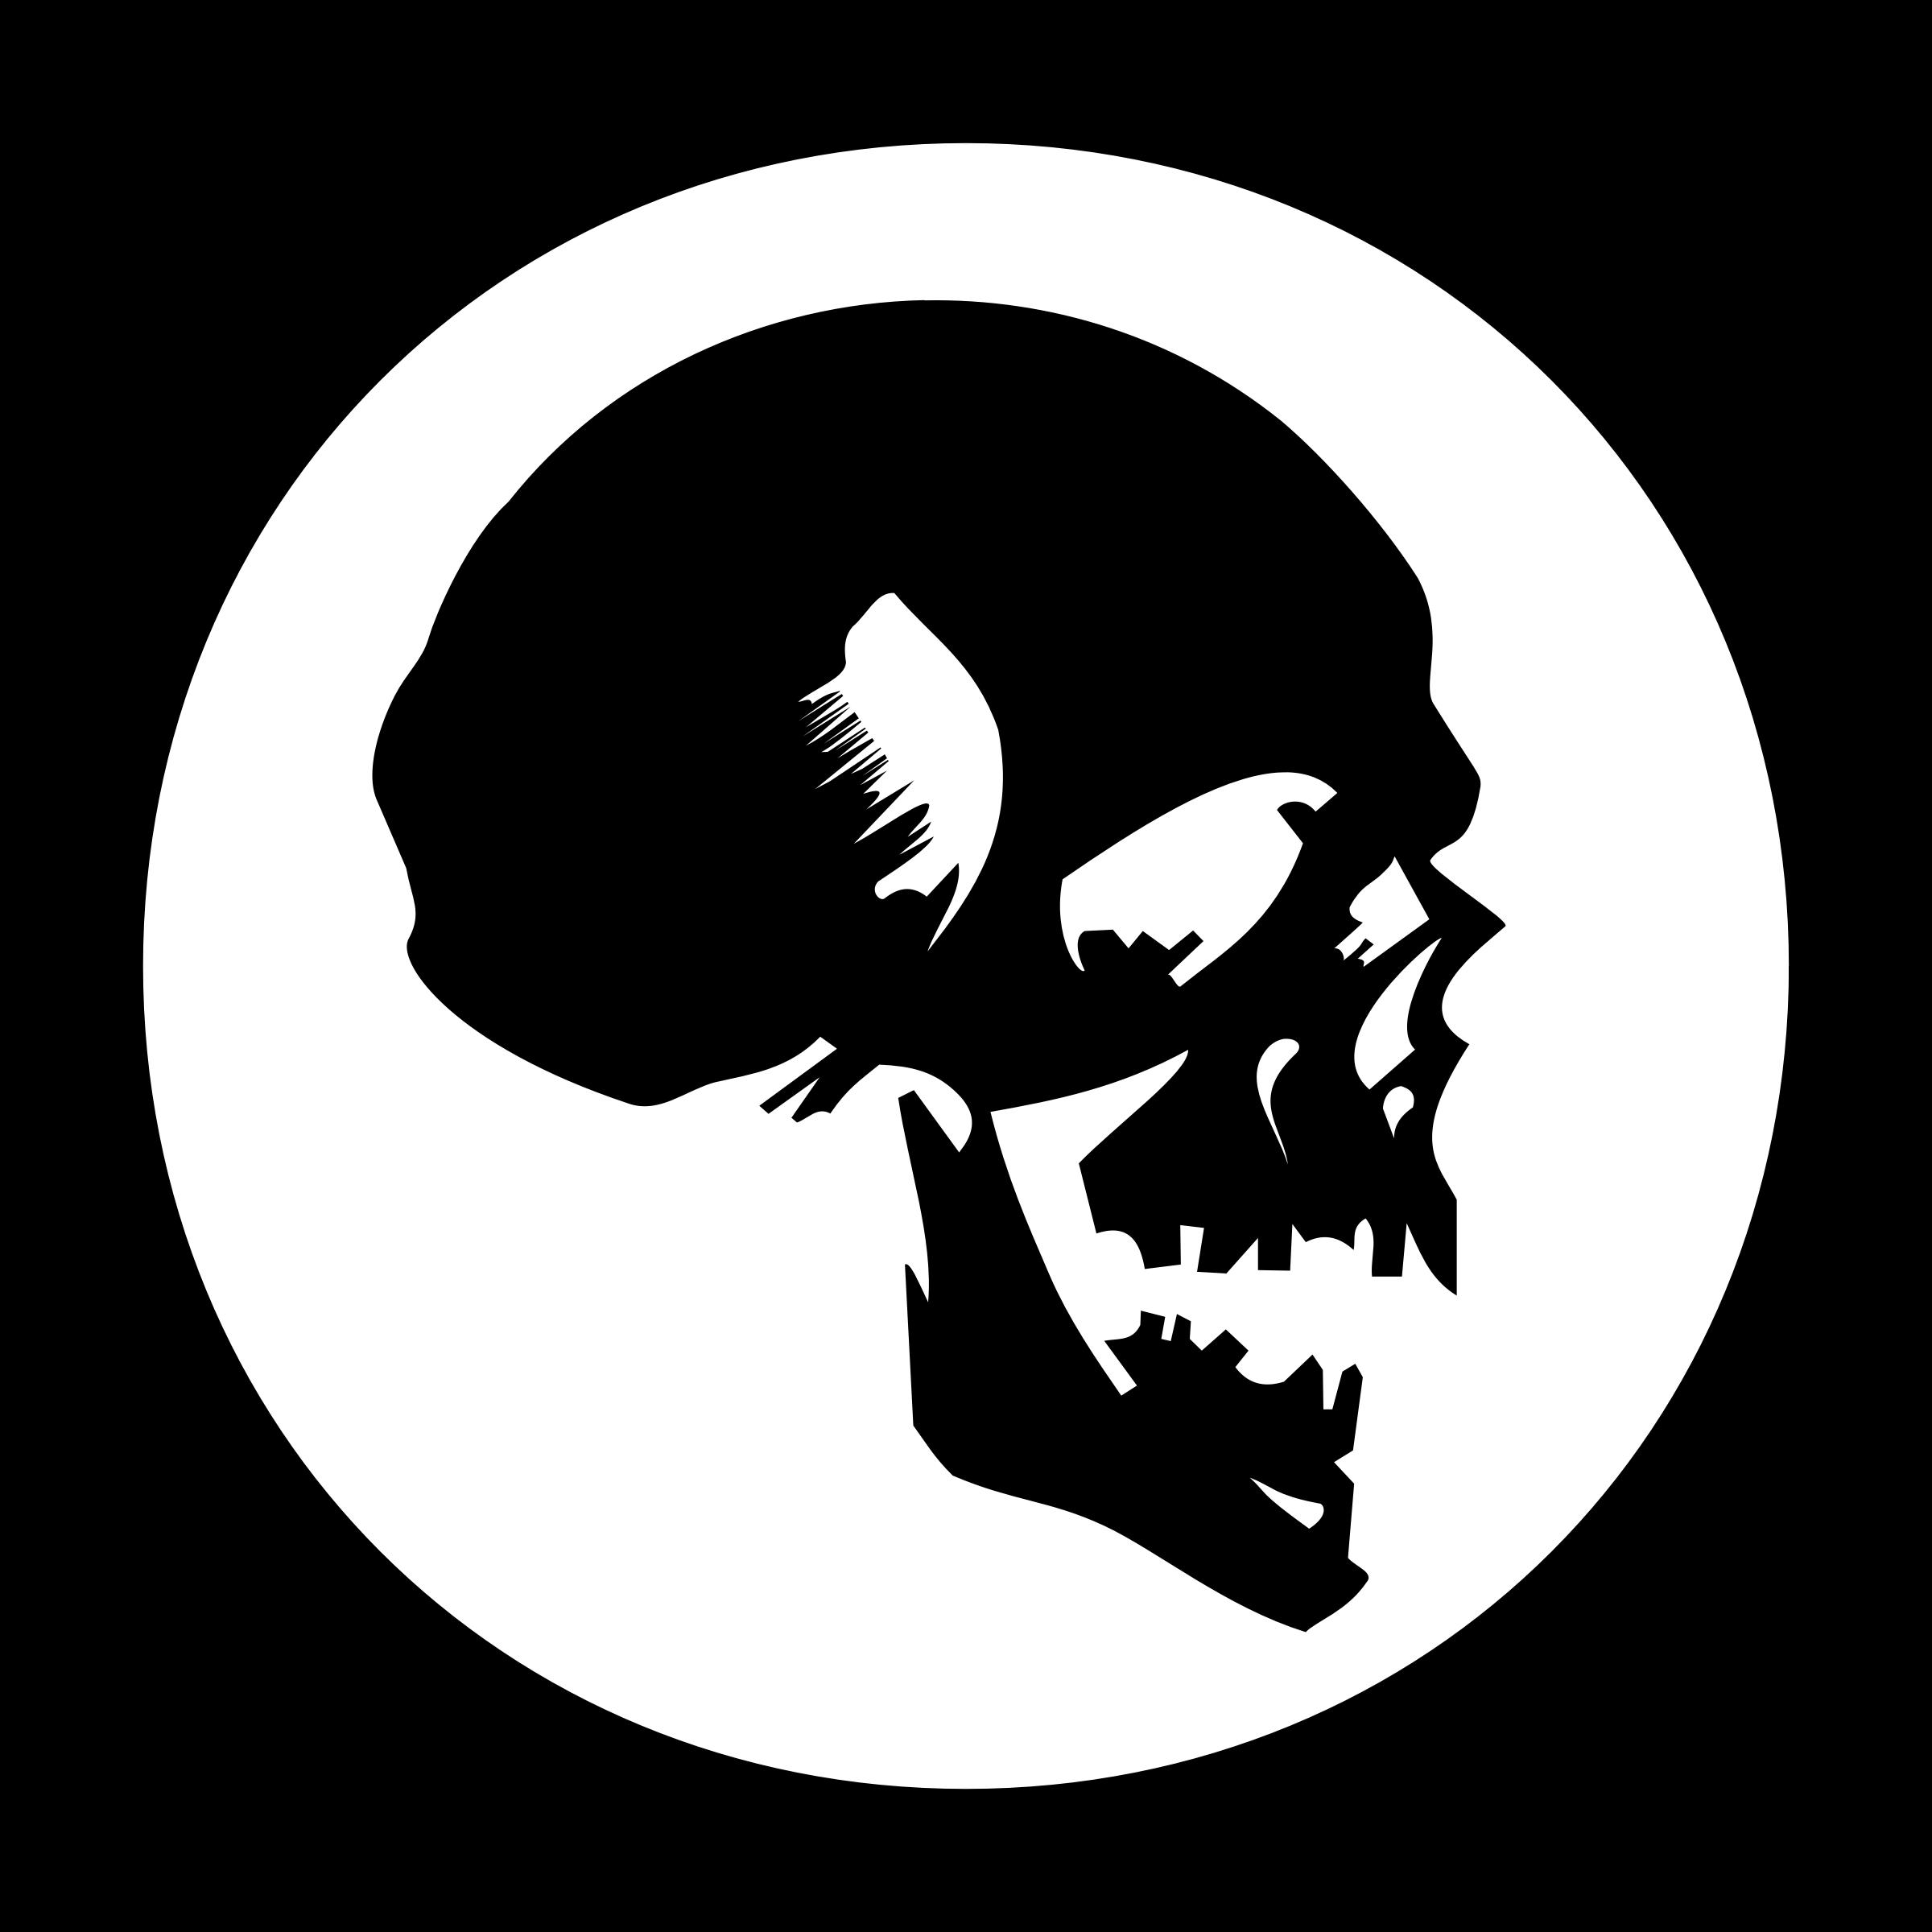 Skullcandy Logo Png Transparent Skullcandy Logo Png.